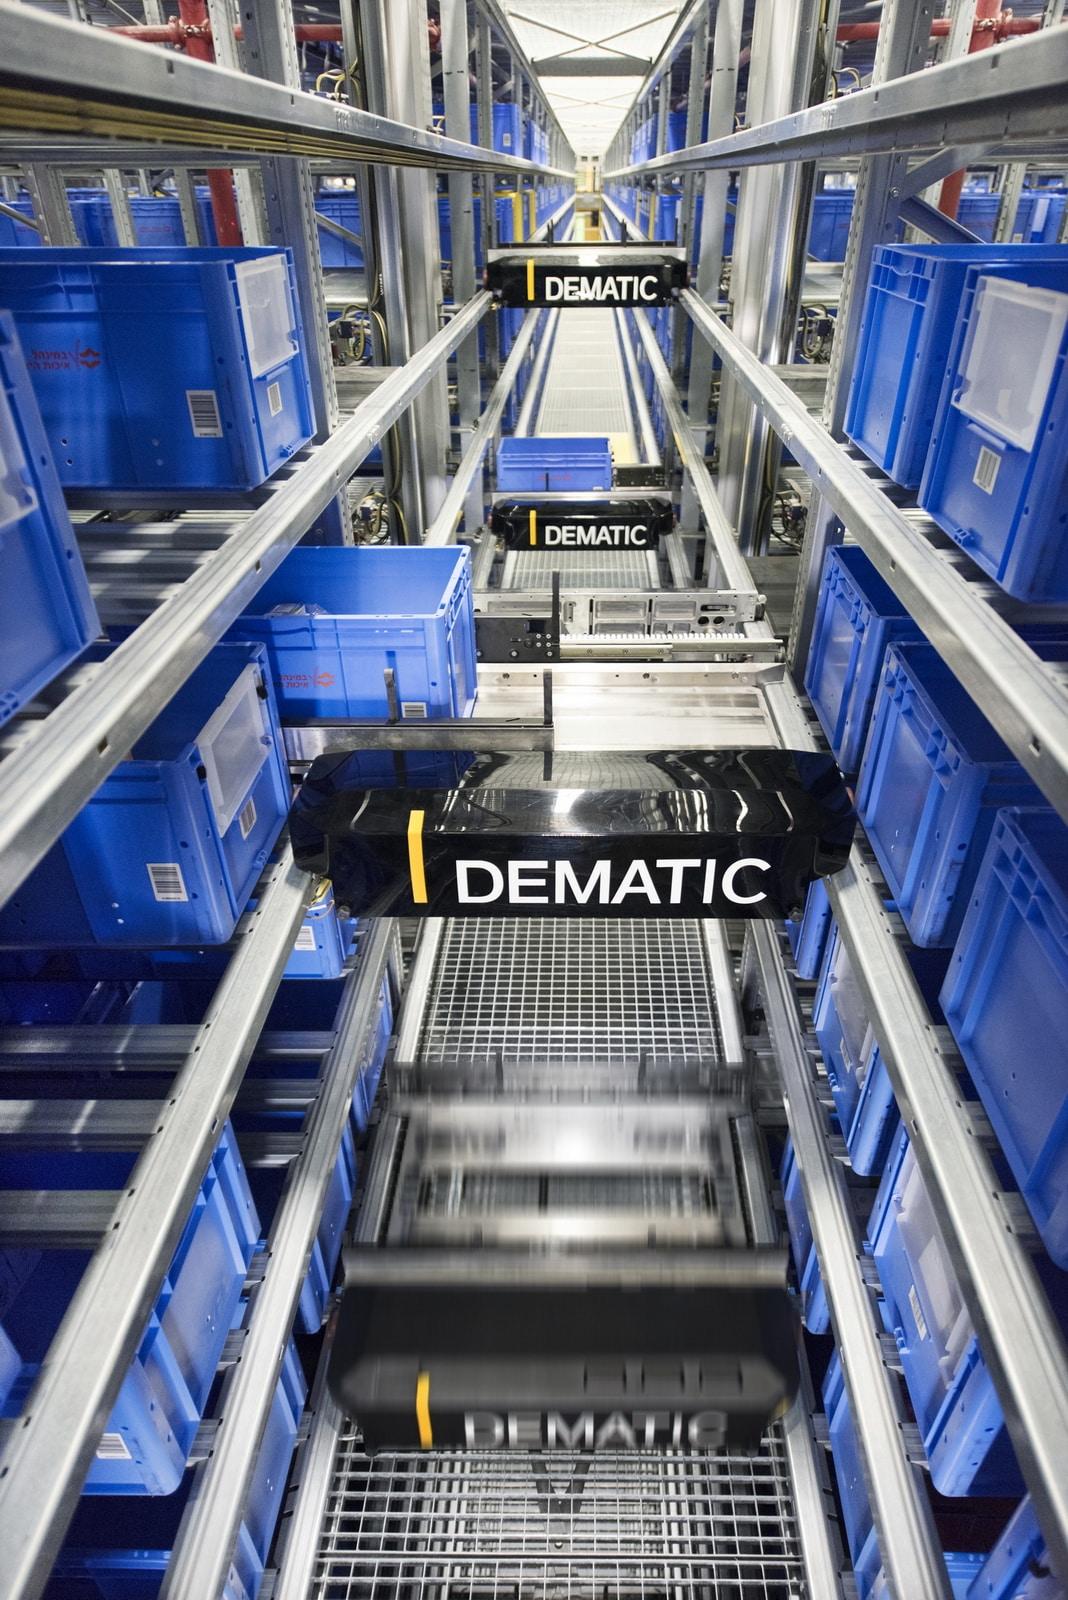 Dematic blickt zurück auf die Erfindung des Multishuttles